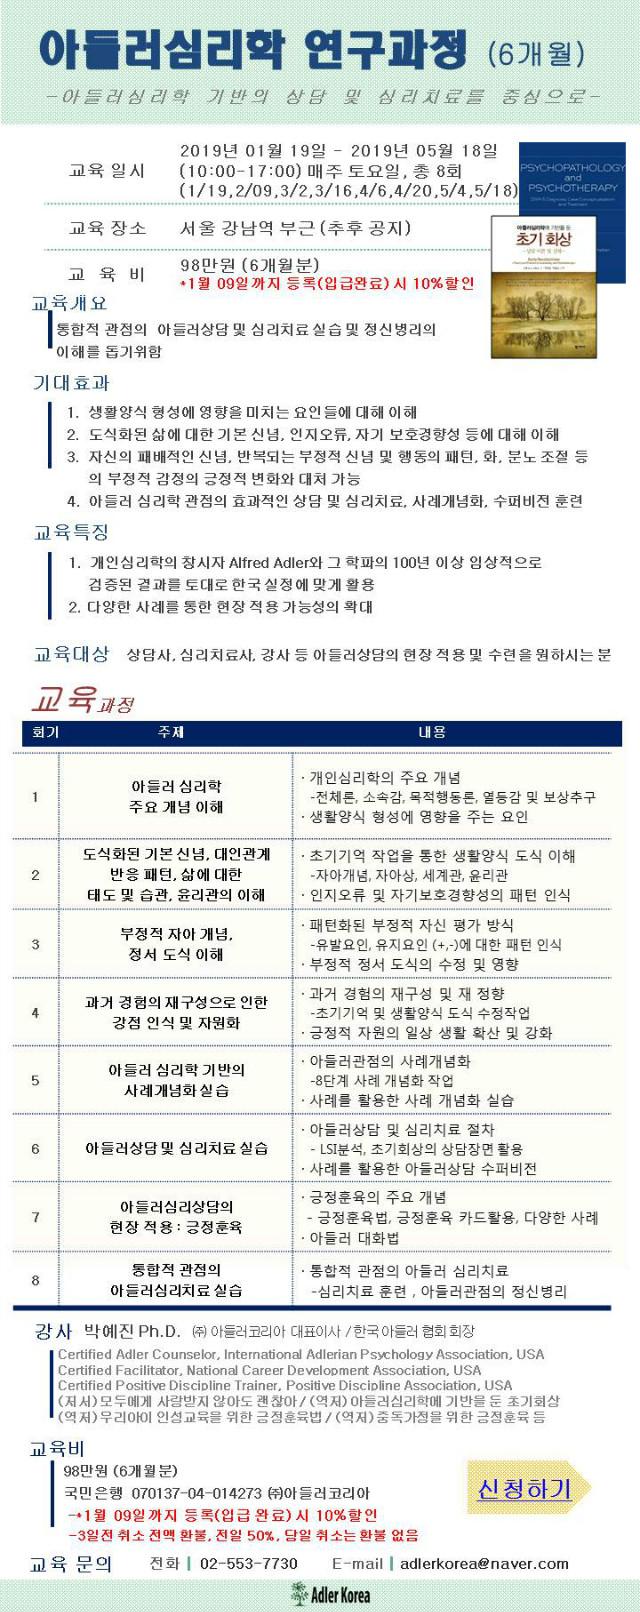 홈페이지용_아들러심리치료 연구과정 링크.jpg